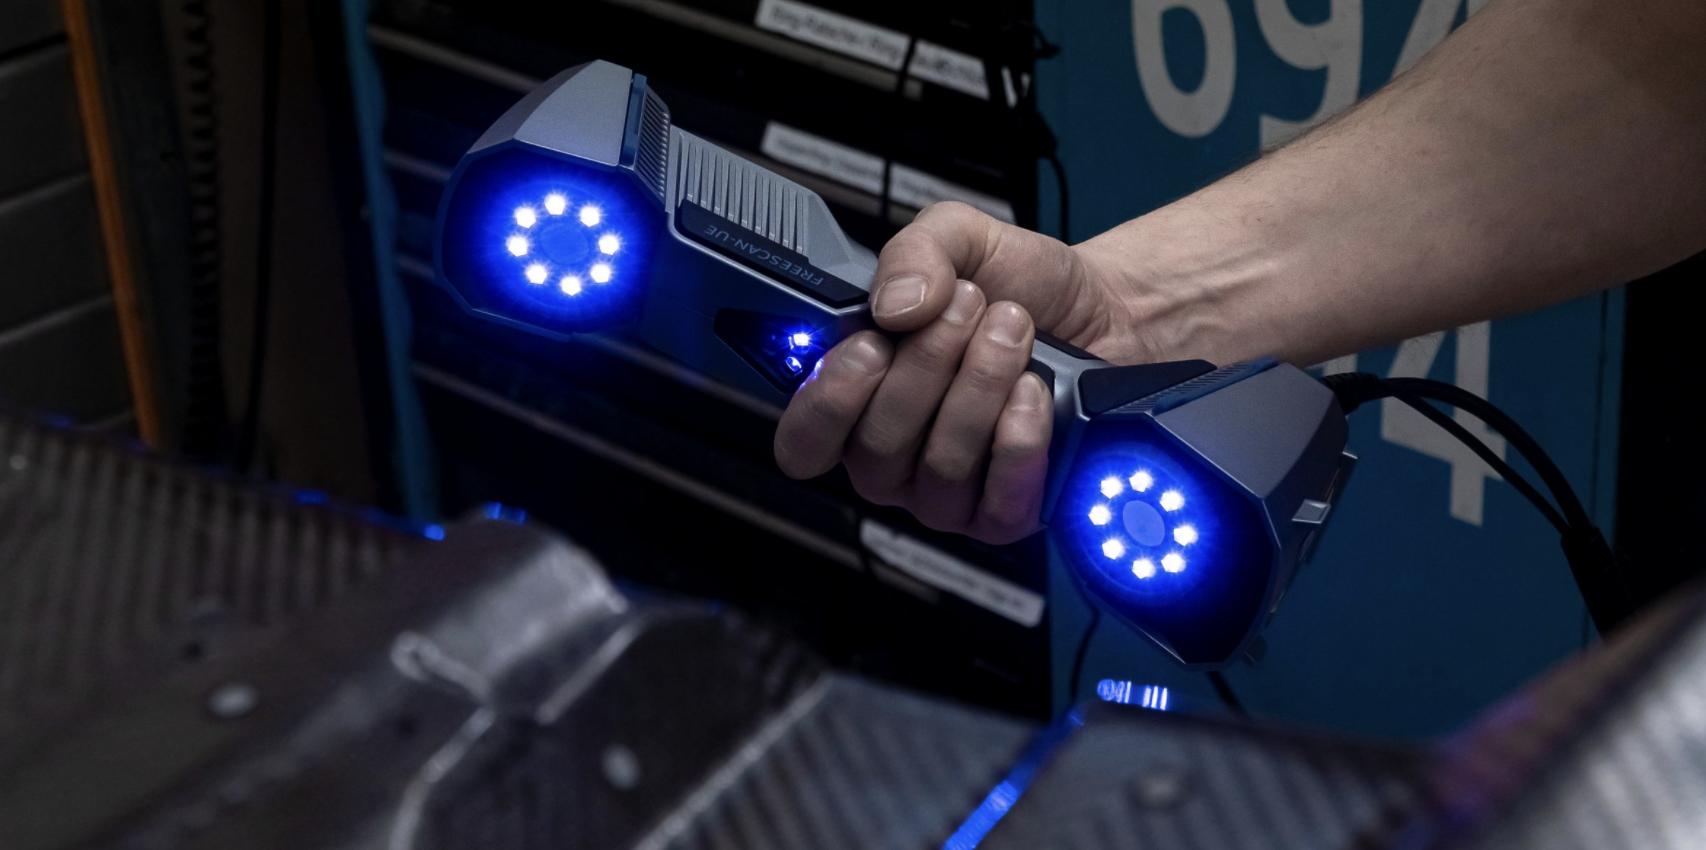 Shining 3D dévoile sa nouvelle génération de scanners 3D portables FreeScan : découvrez les nouveaux UE7 et UE11